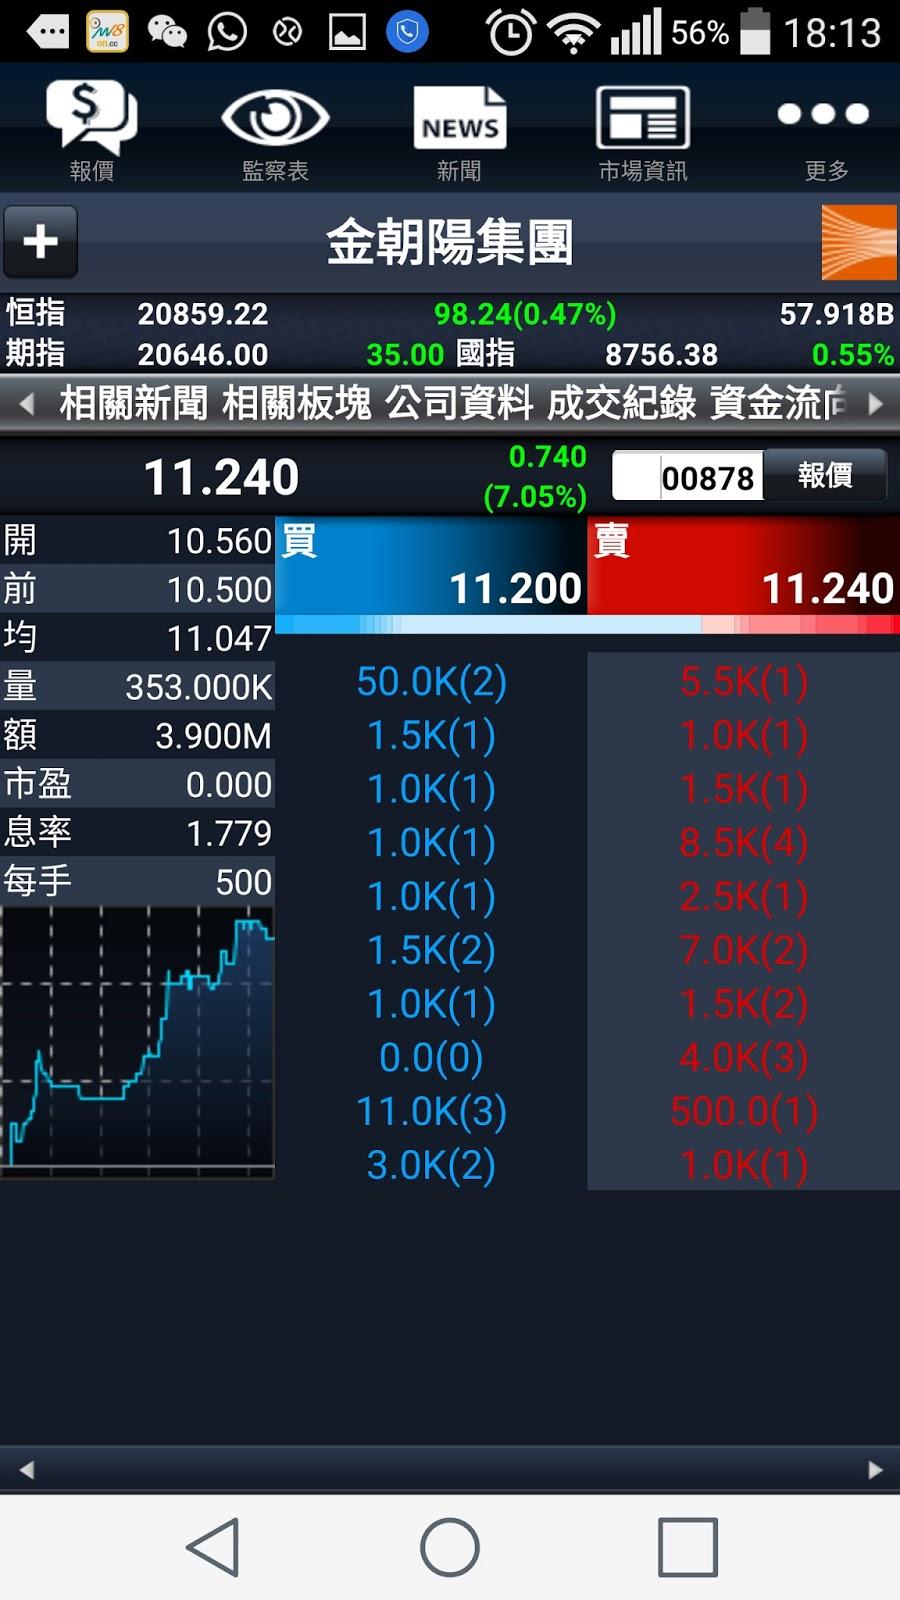 市場先生自語: 價值組合成員: 878金朝陽集團股價迎頭趕上